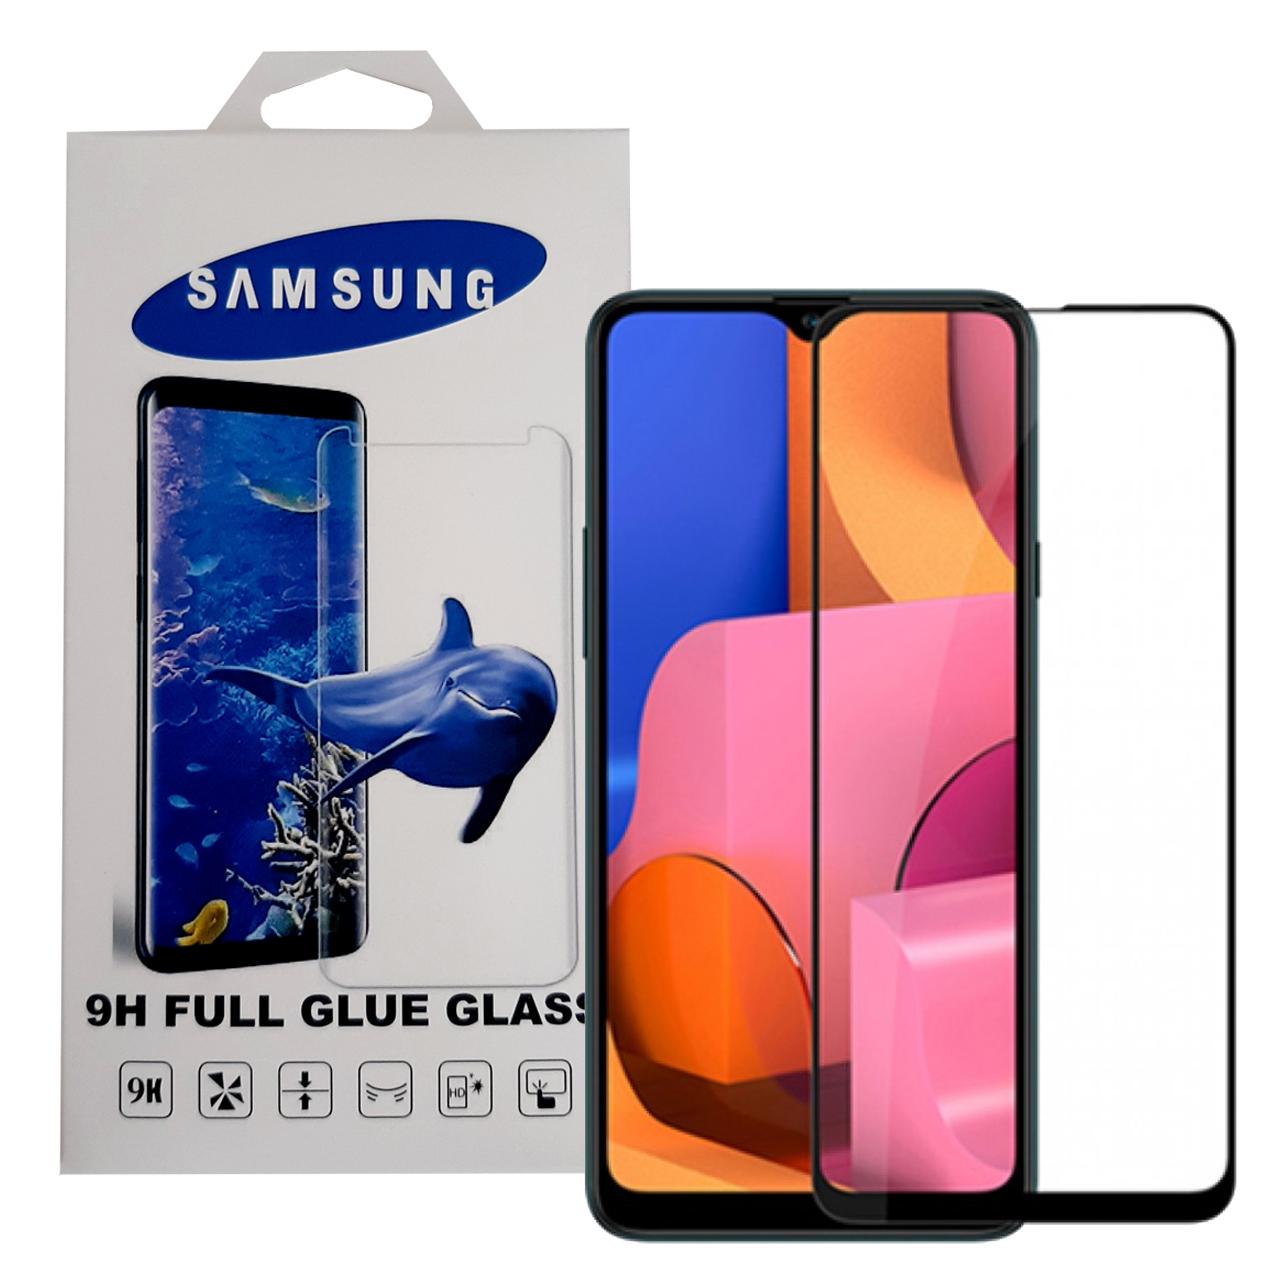 محافظ صفحه نمایش مدل YGs200 مناسب برای گوشی موبایل سامسونگ Galaxy A20s